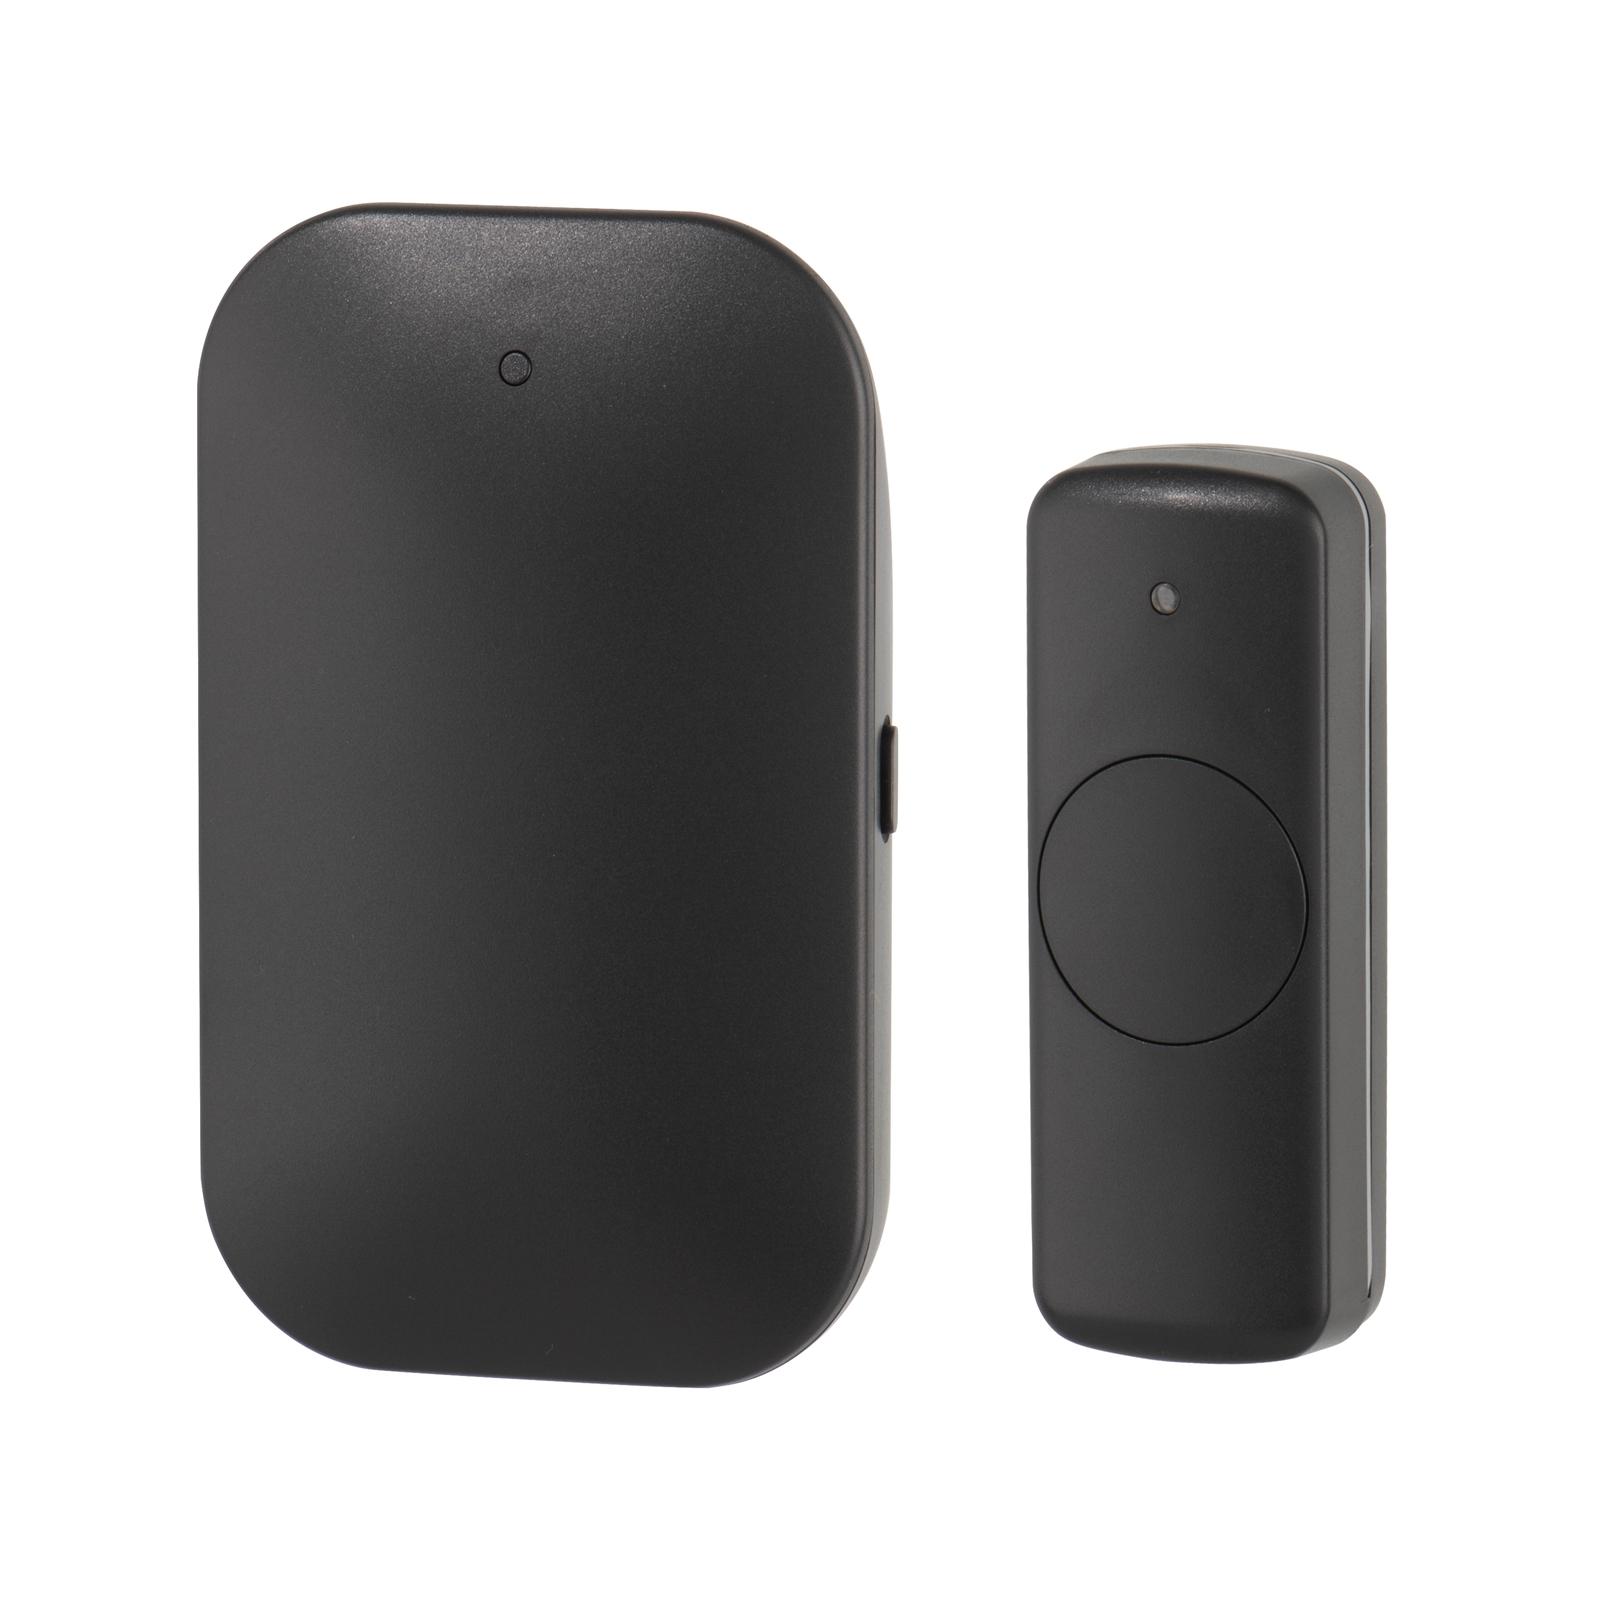 Arlec Black Enhanced Sound Plug In Door Chime